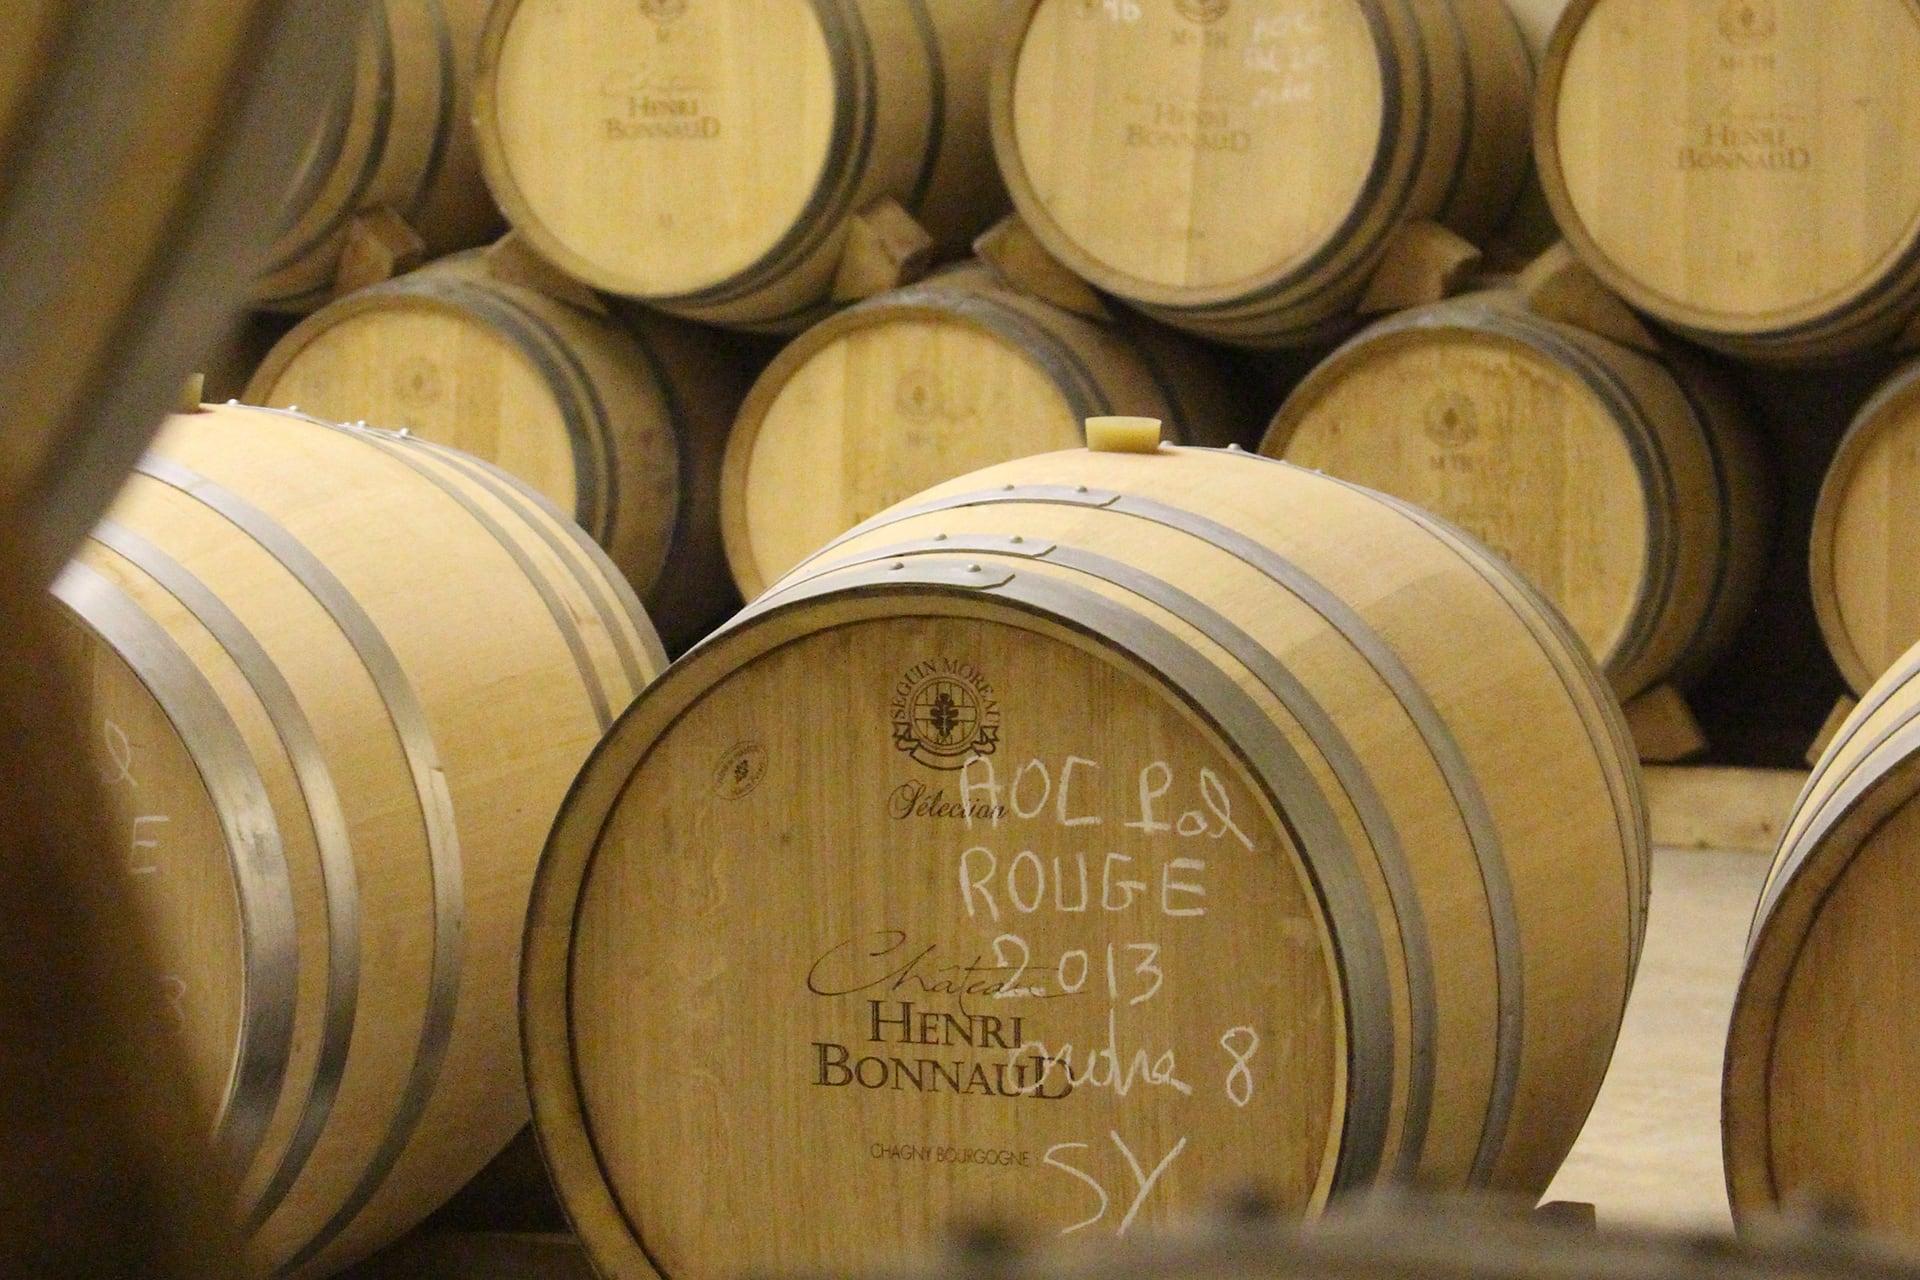 Château Henri Bonnaud - Dégustation et visite des chais de vinification